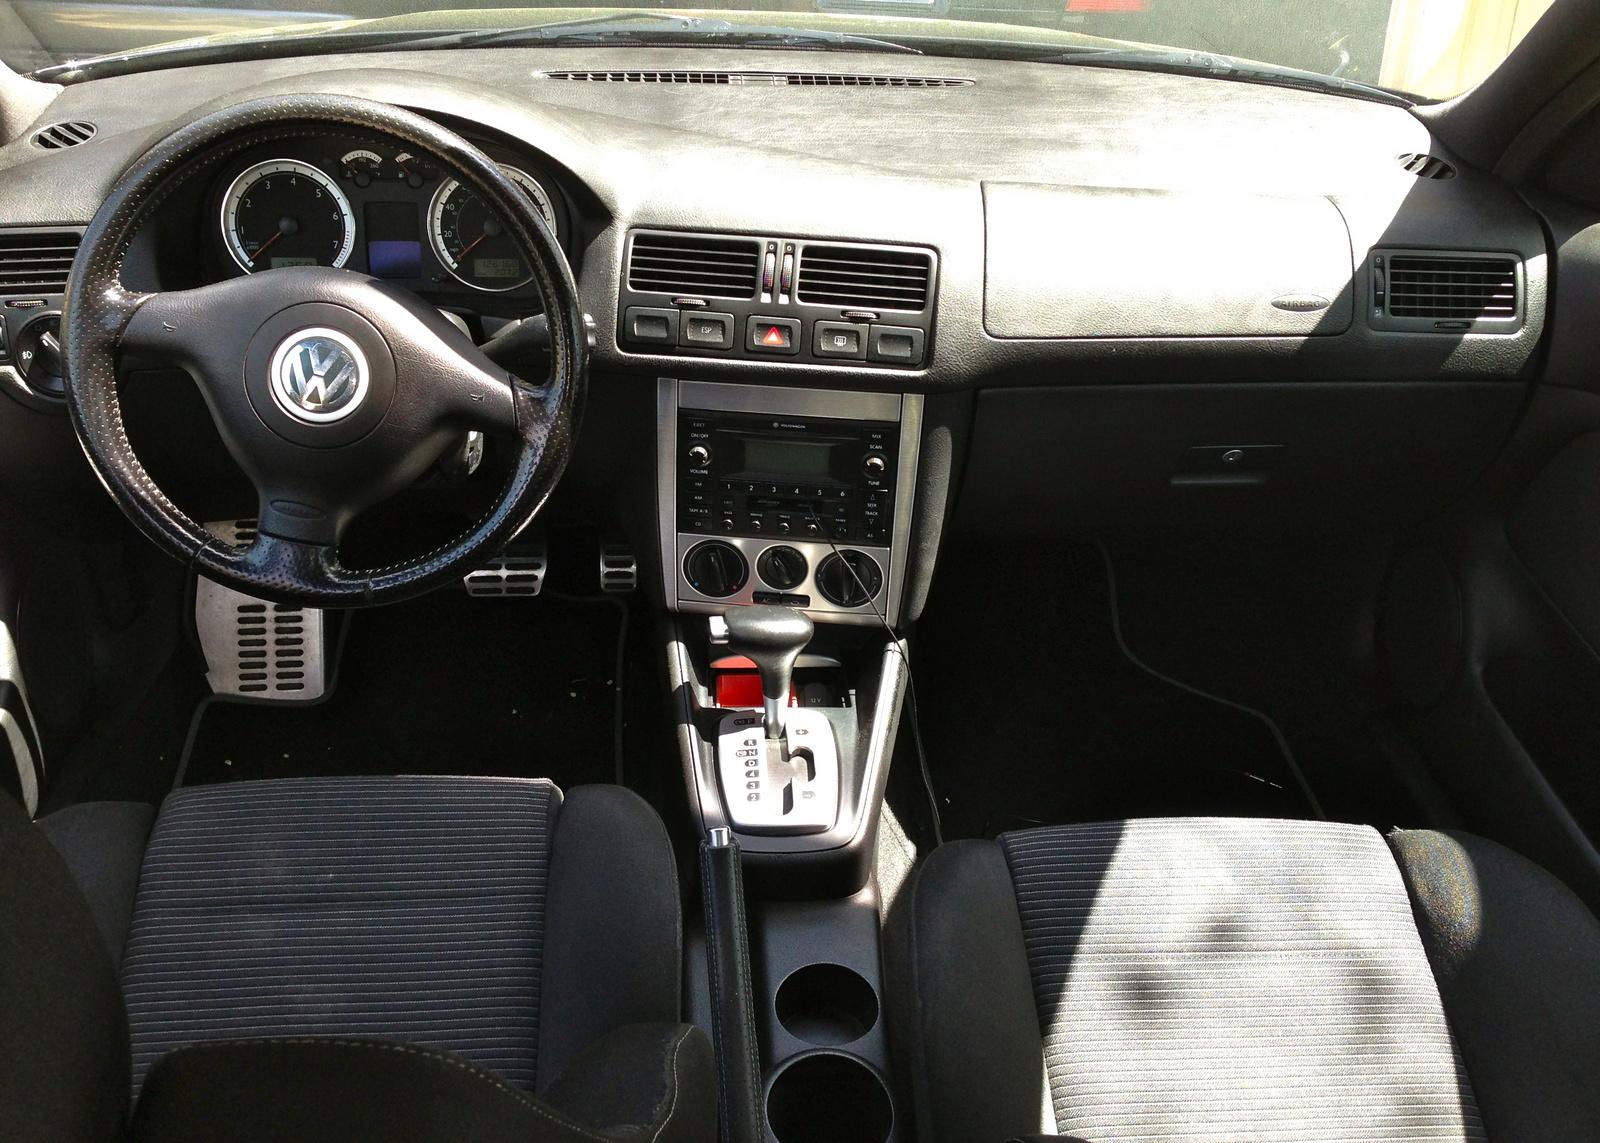 Volkswagen Jetta 2005 Interior Picture of 2005 volkswagen